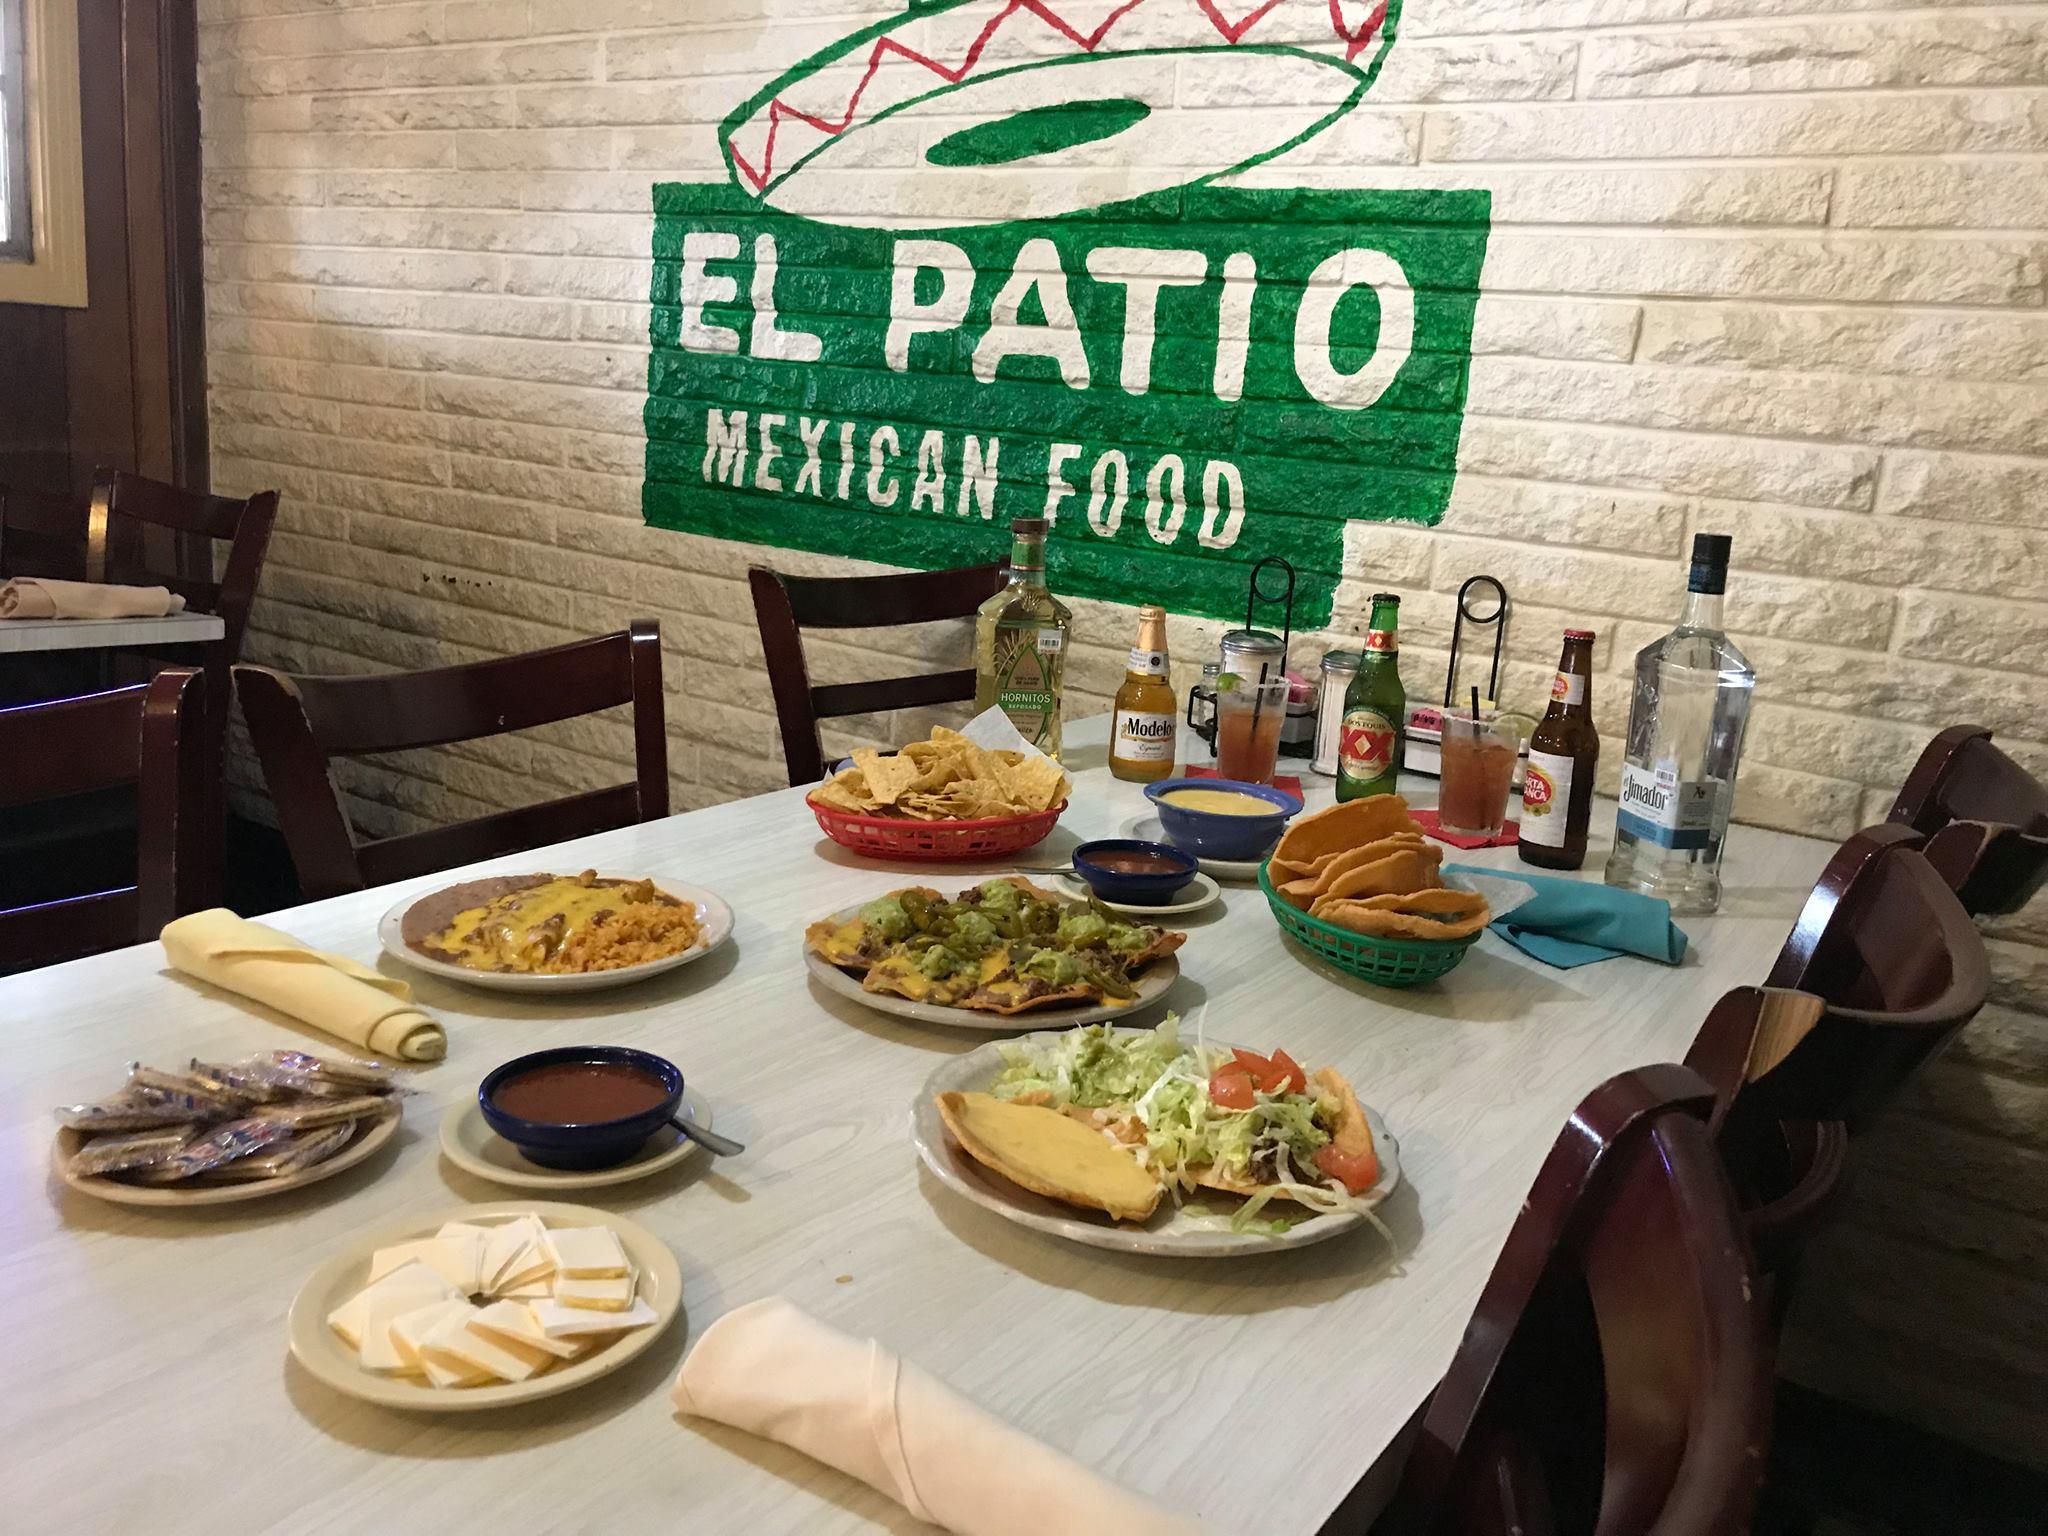 Tex-Mex dishes at El Patio